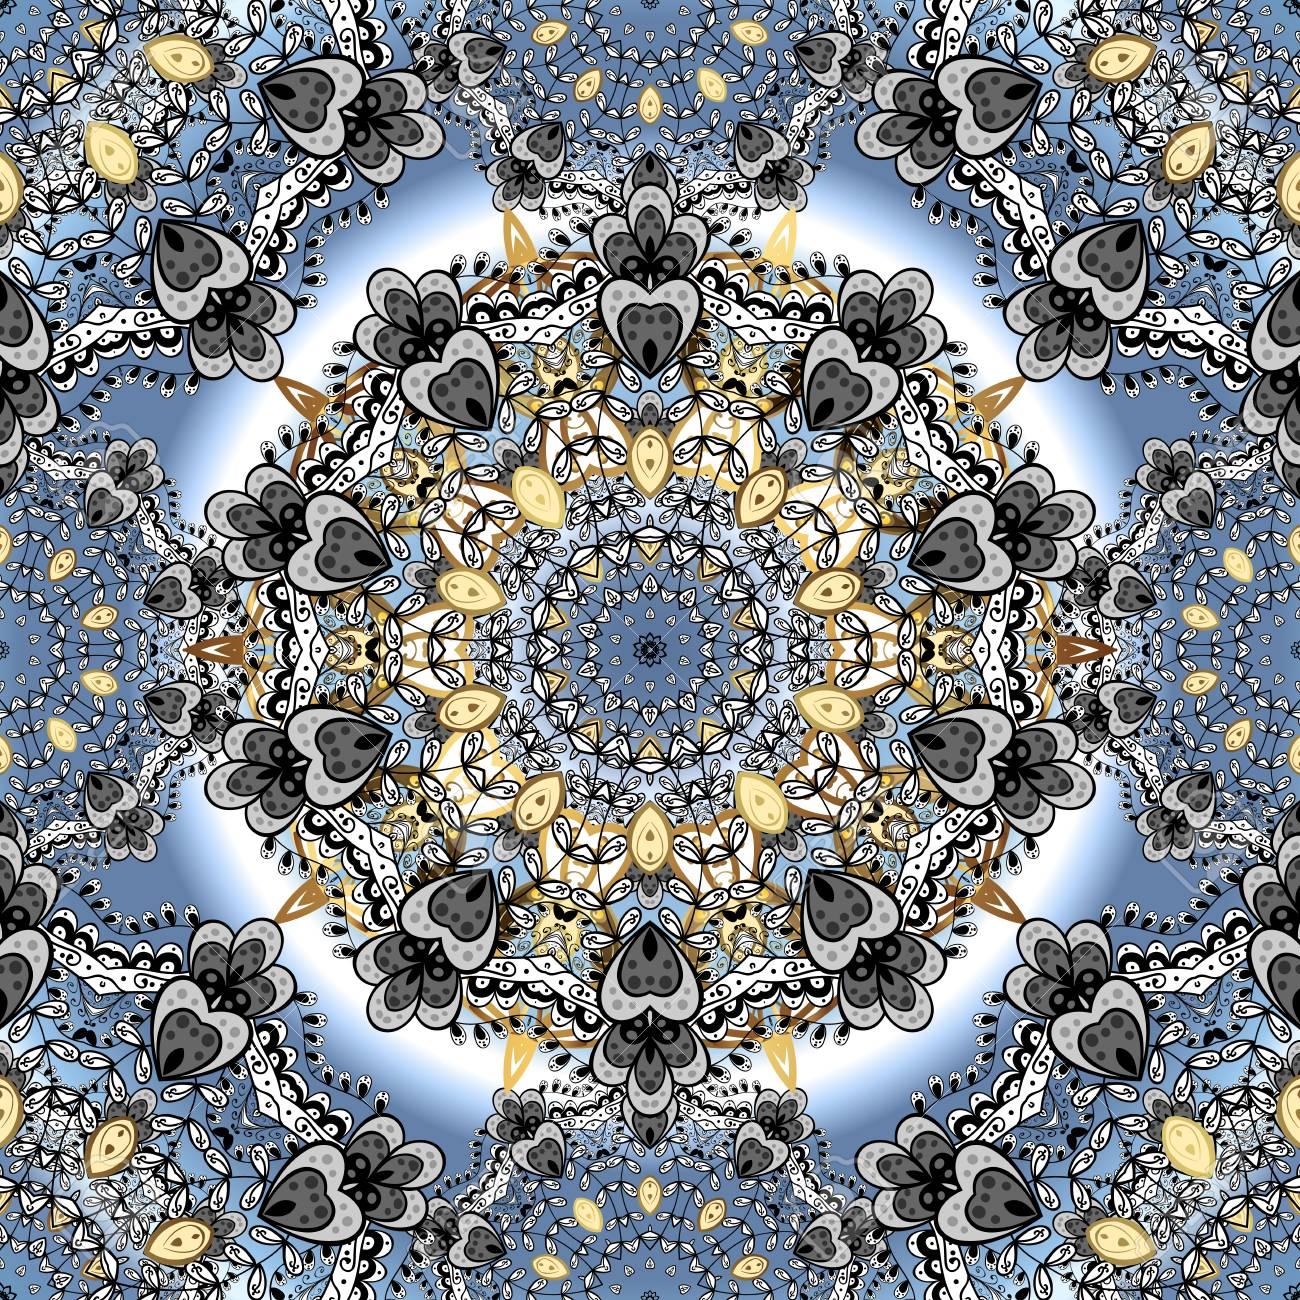 Azul Con Mandalas Dibujados A Mano Blanco Elementos Indios Del - Mandalas-indios